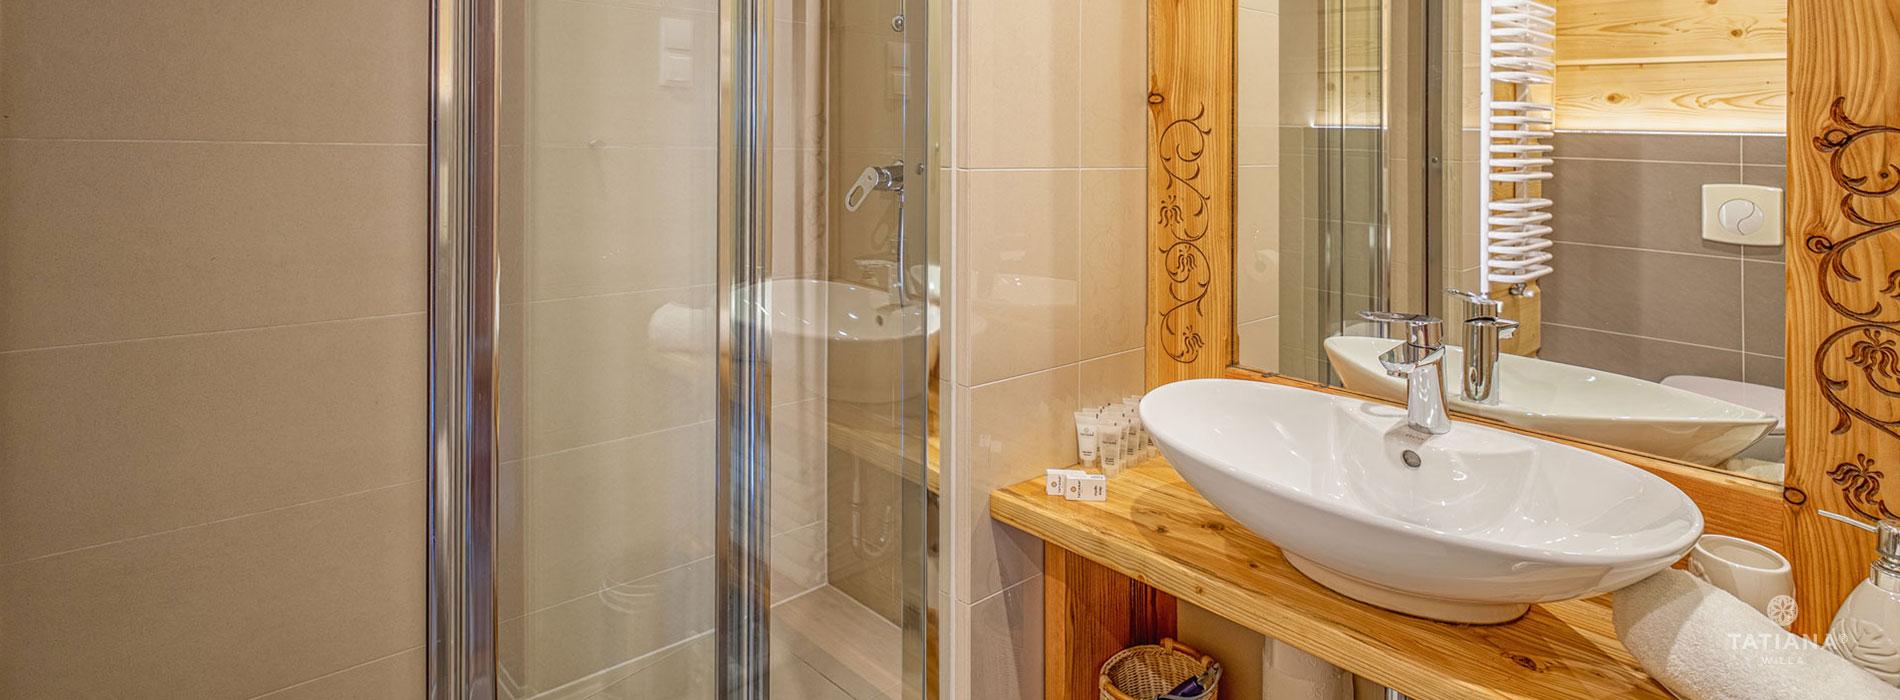 Apartment Premium 9 - Bathroom